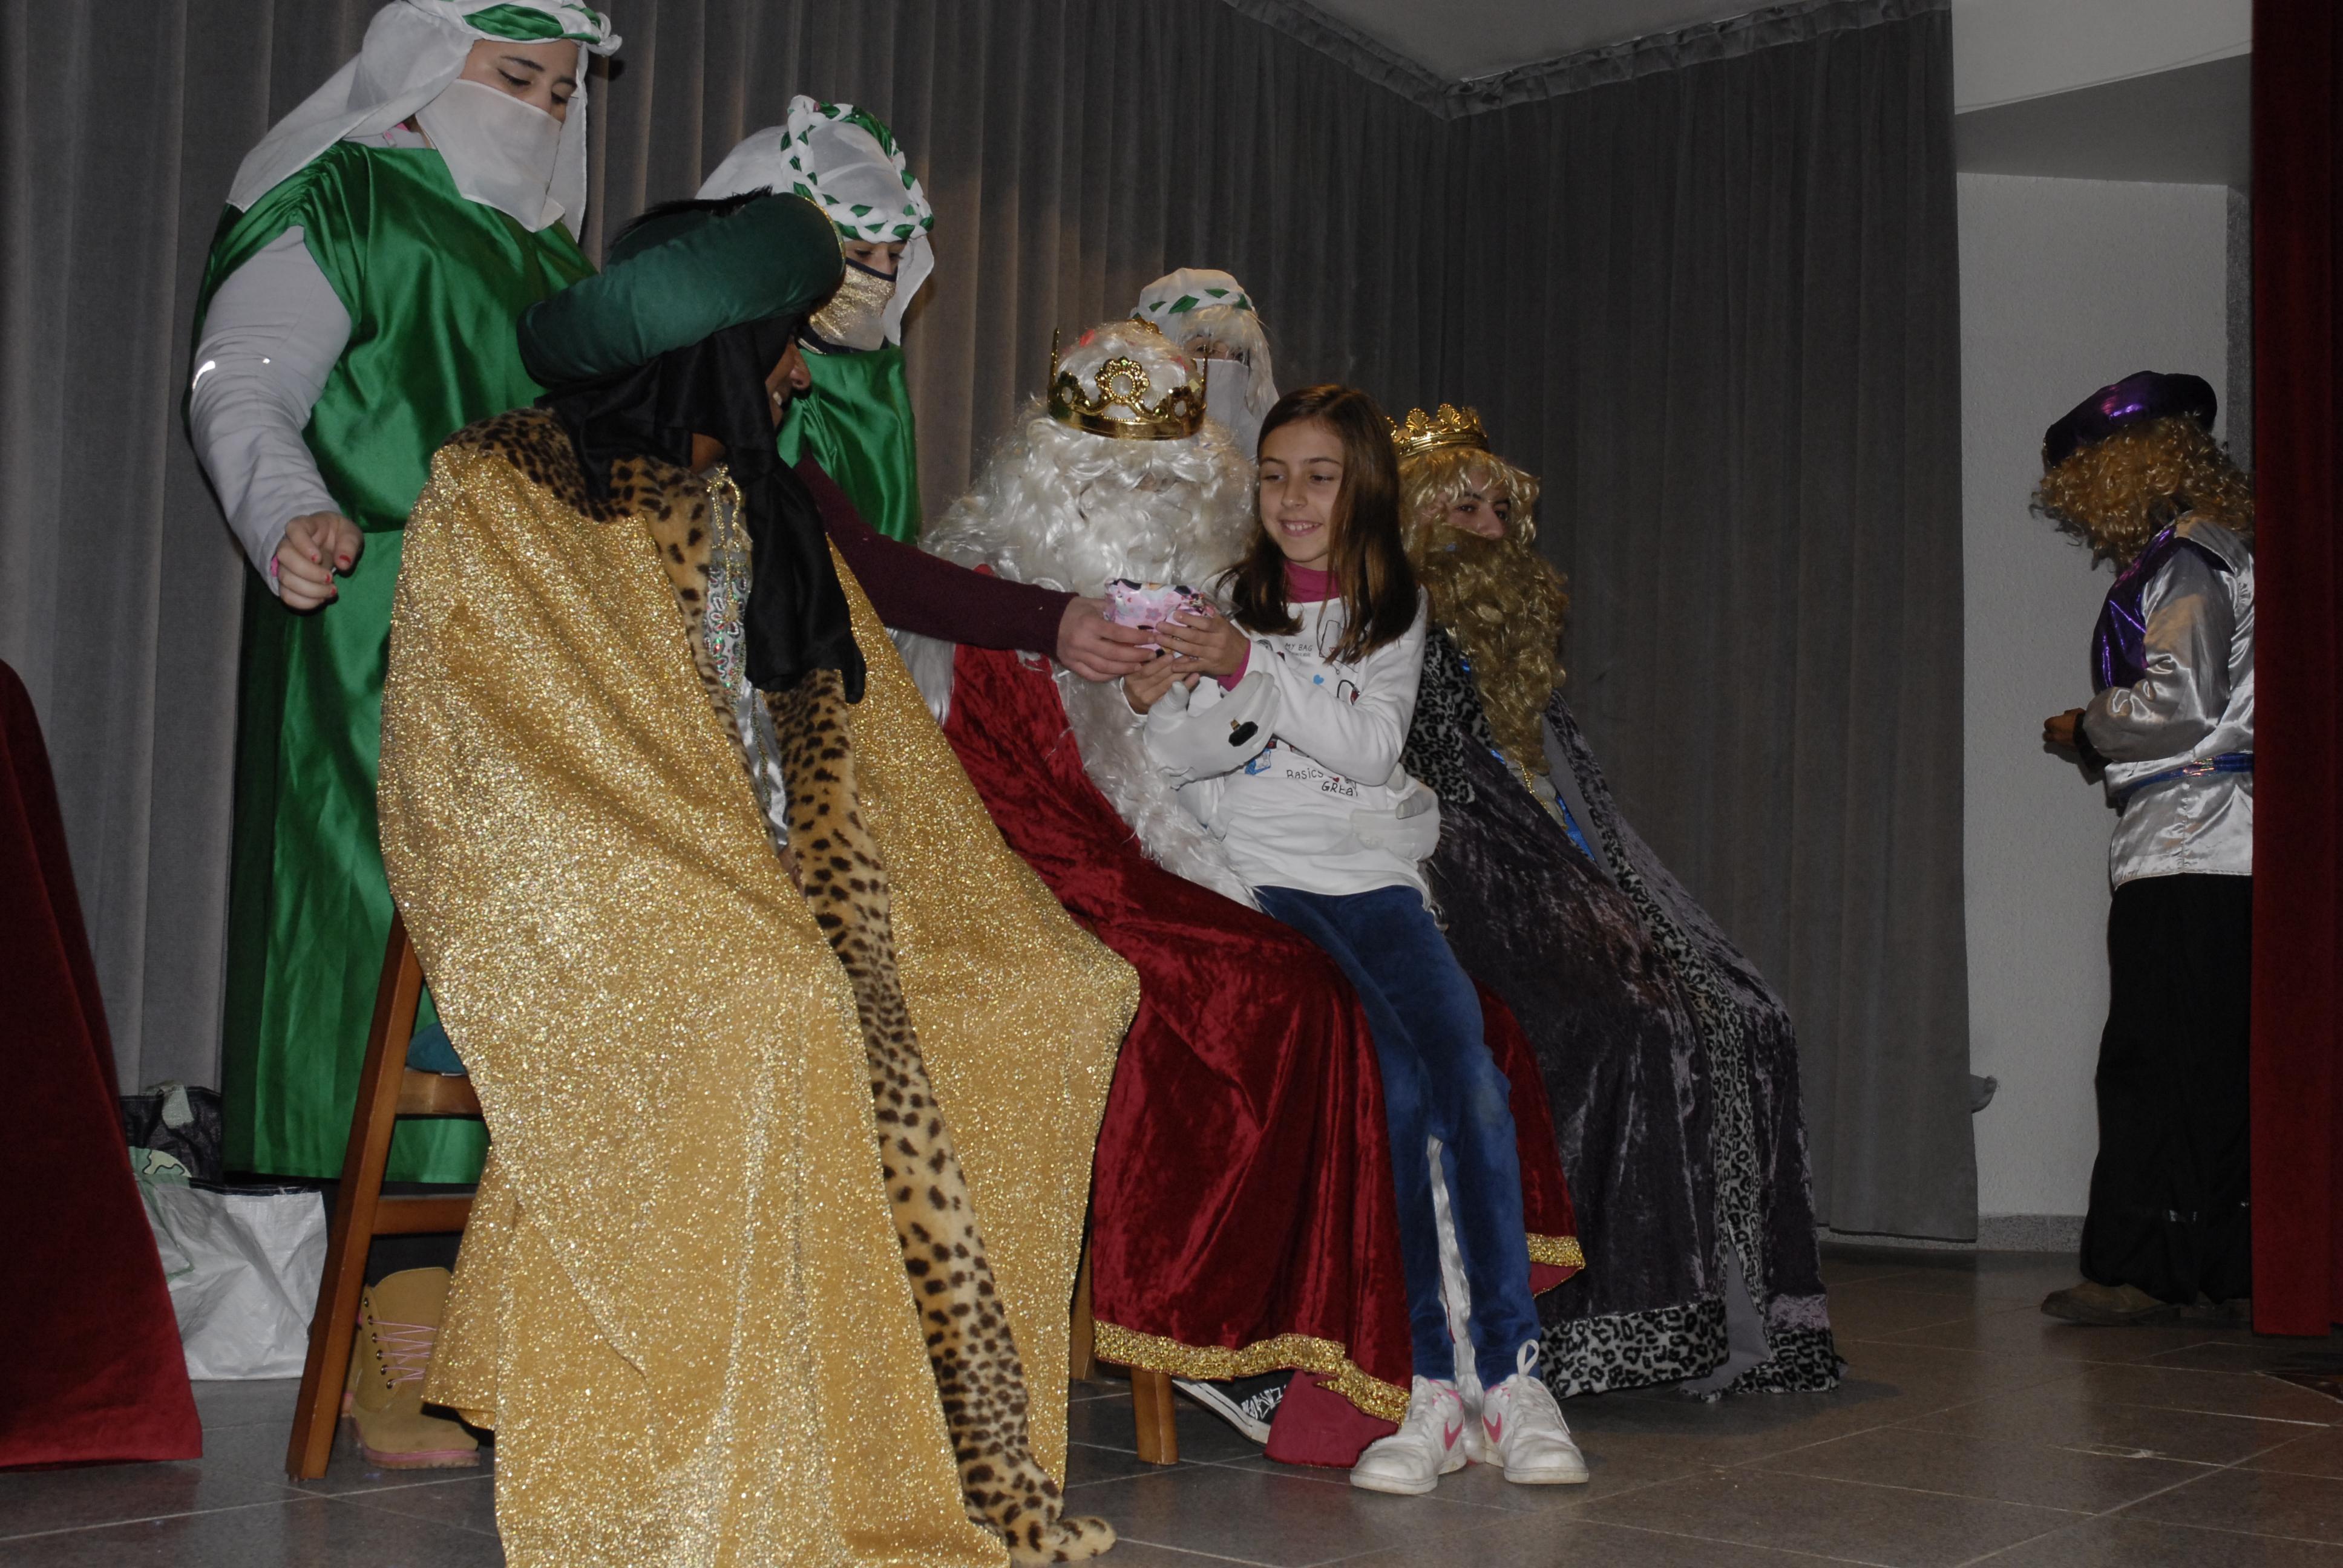 cabalgata-reyes-magos-2017-21